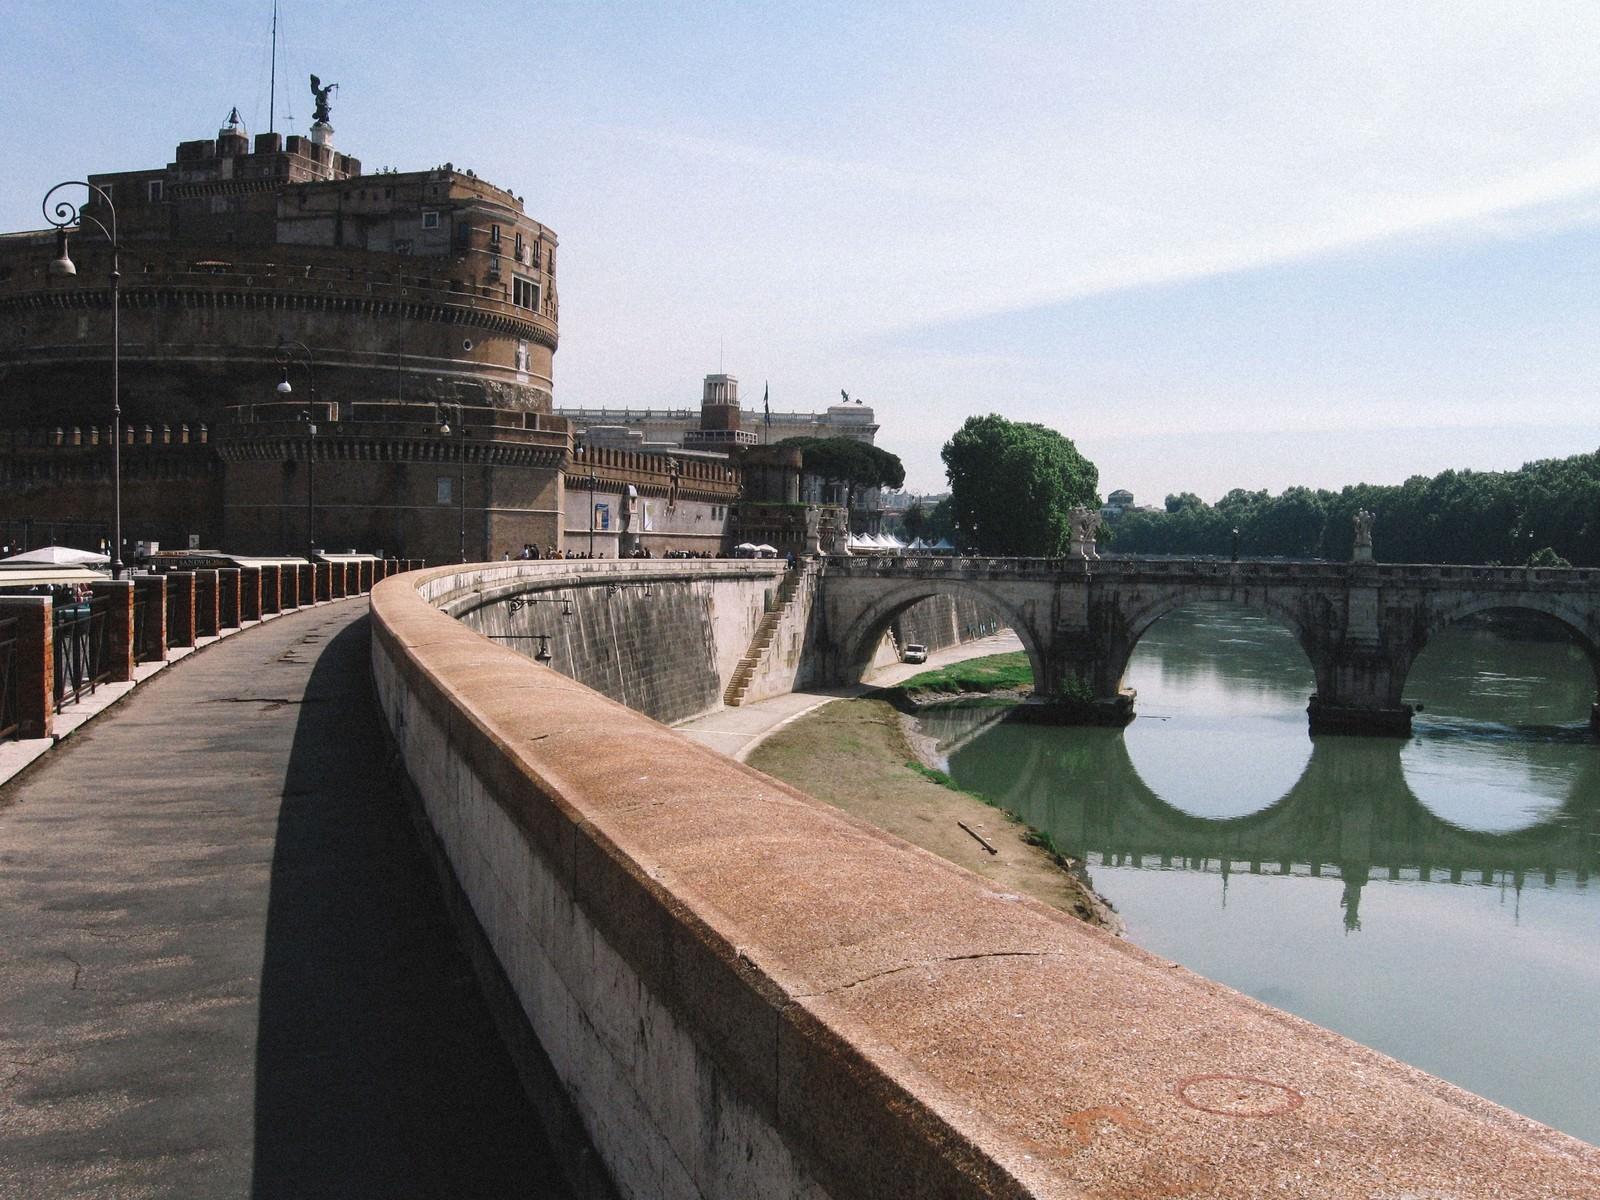 「ローマにあるサンタジェロ城に続く道と川に架かる橋(イタリア)」の写真